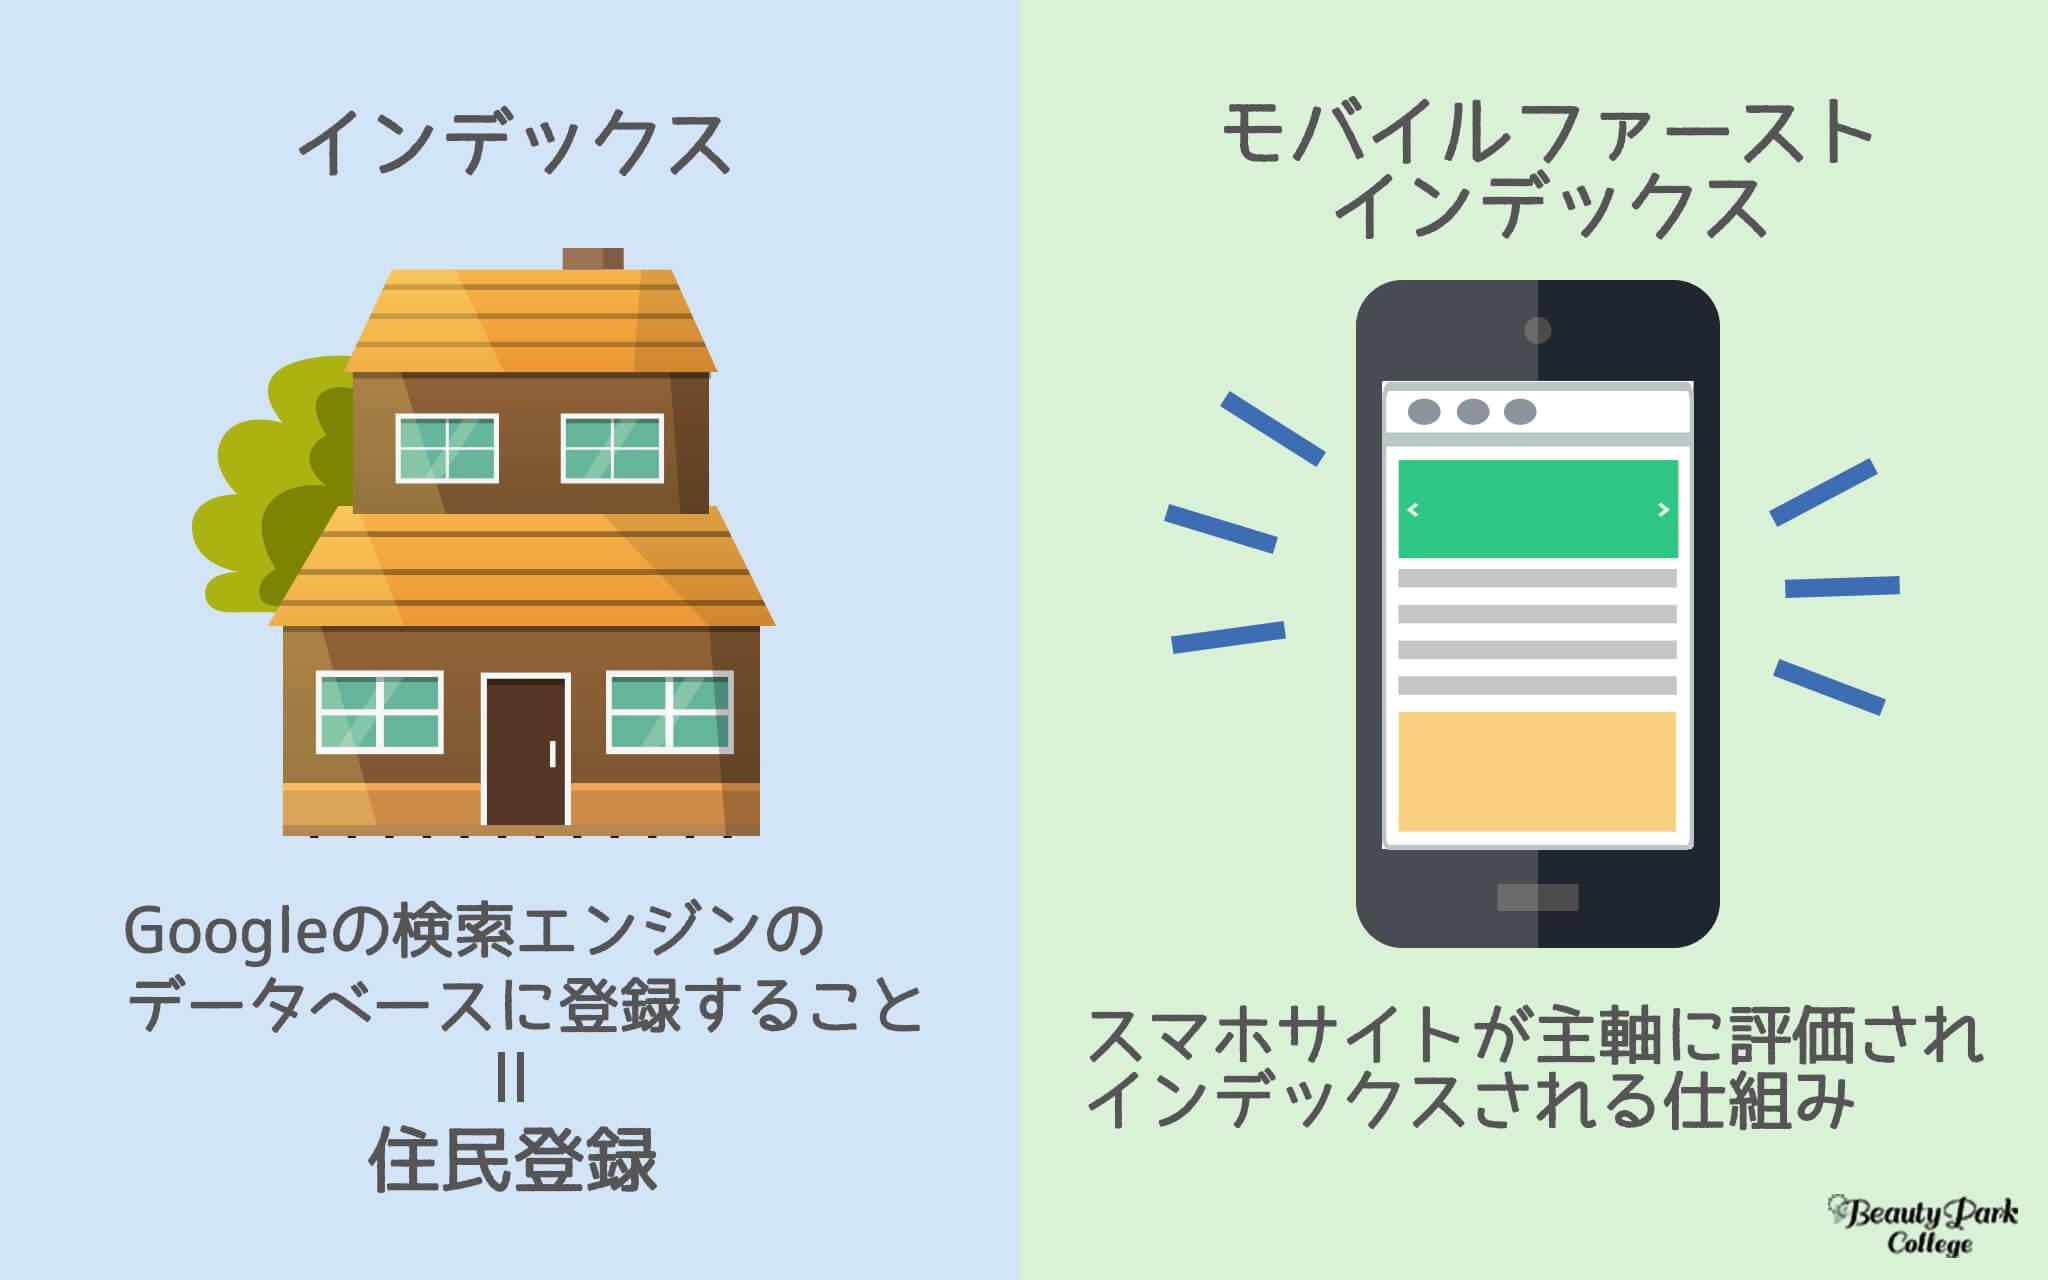 インデックスはGoogleの検索エンジンに登録すること、モバイルファイストインデックスはスマホサイトが主軸に評価されインデックスされる仕組み